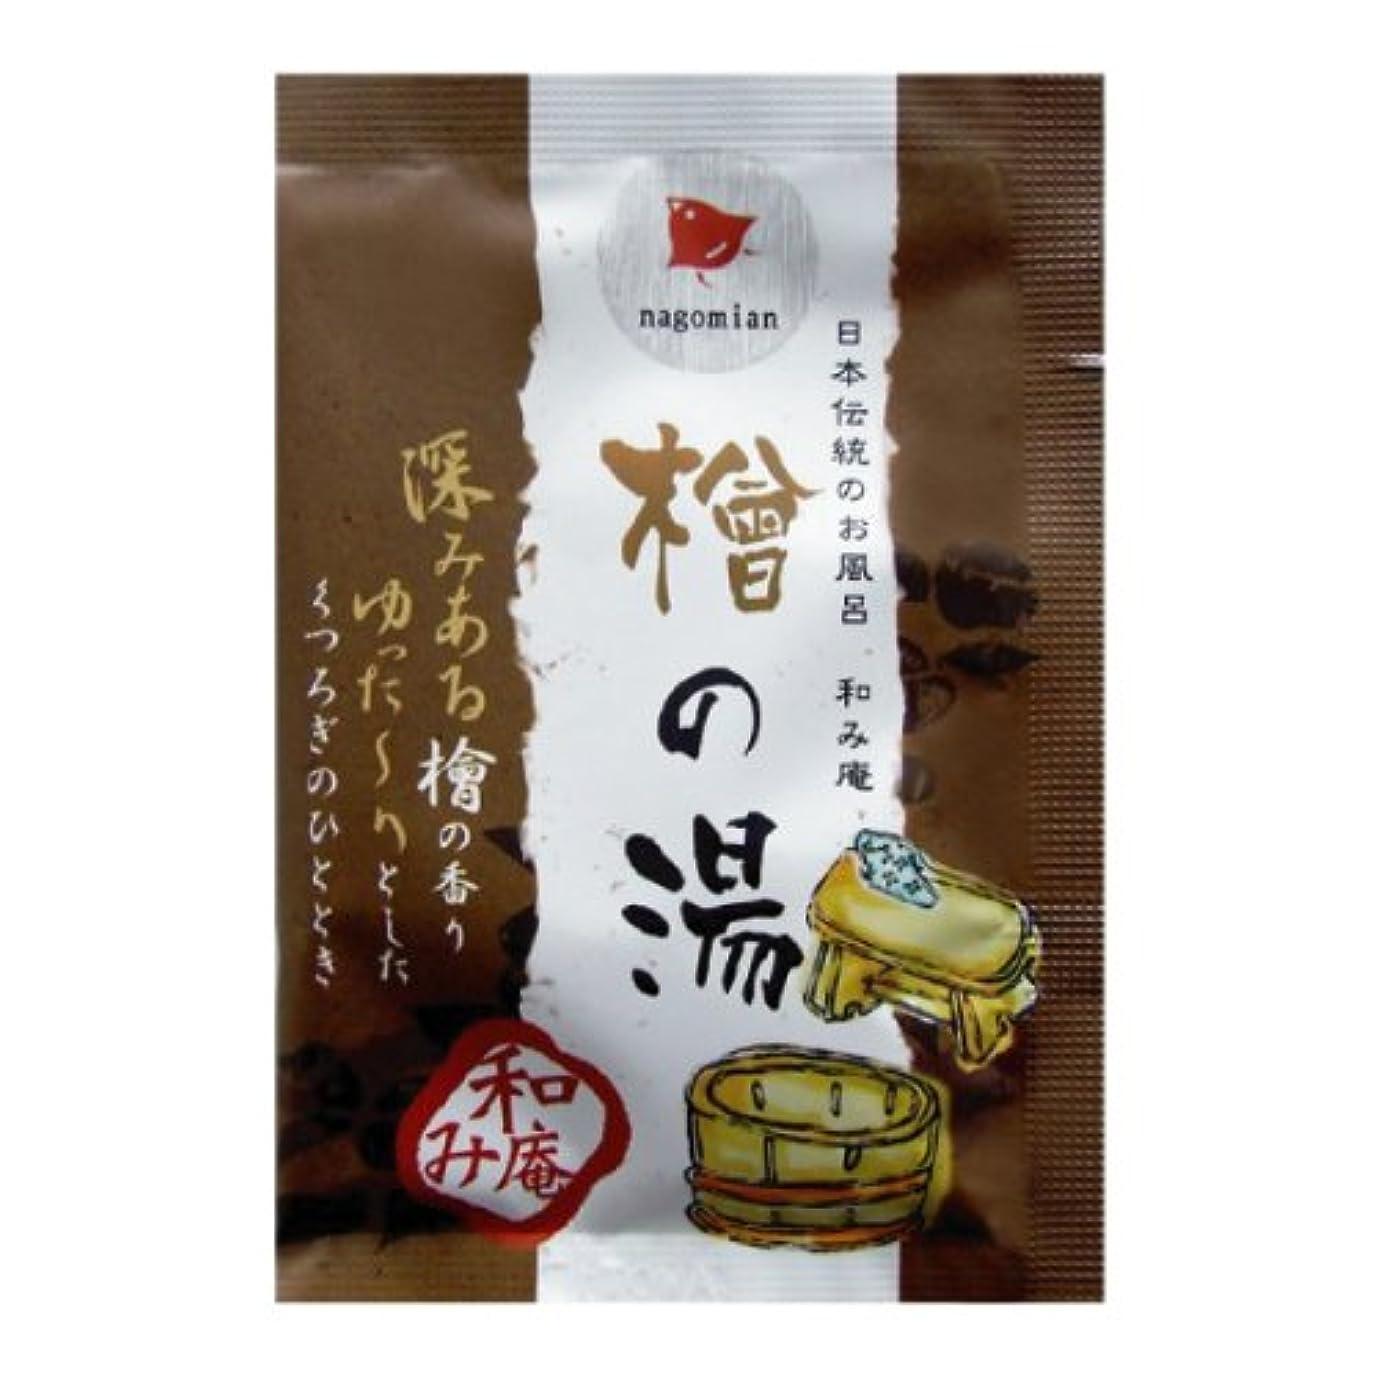 寂しい不実巡礼者日本伝統のお風呂 和み庵 檜の湯 200包